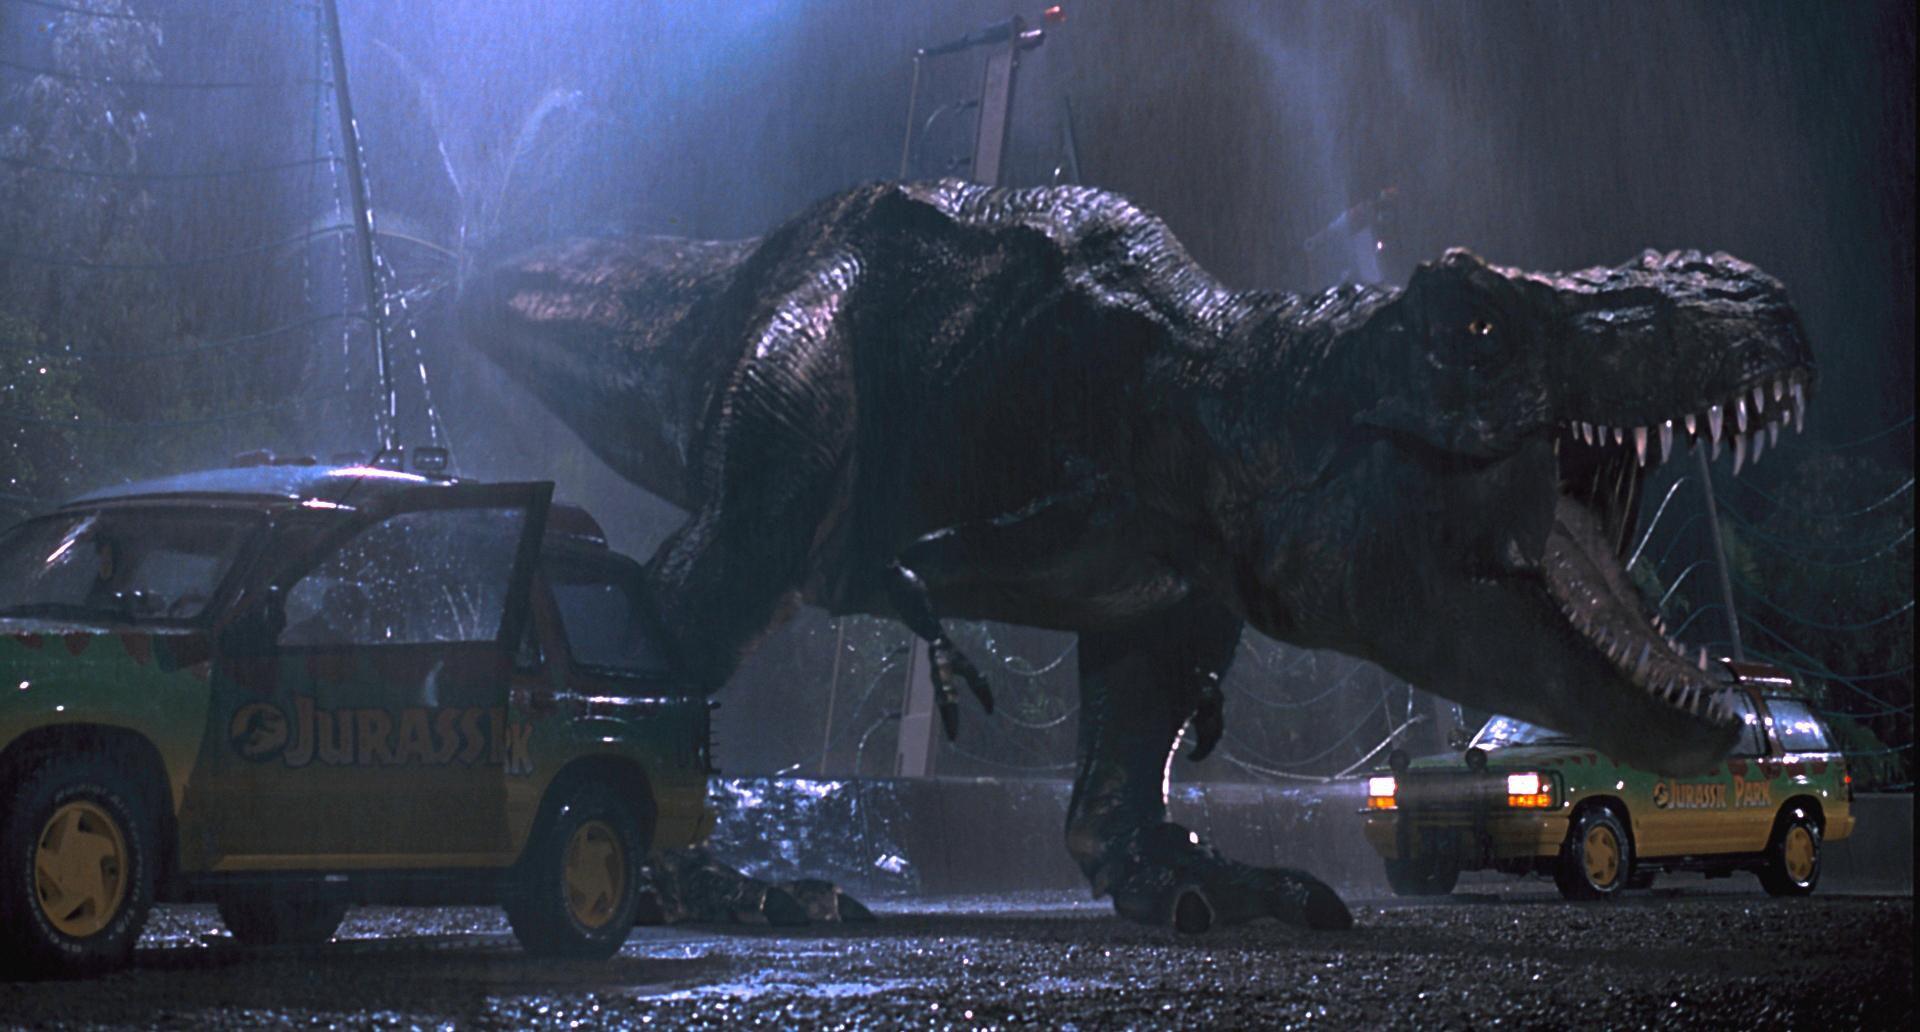 Những bộ phim viễn tưởng hay nhất của đạo diễn Steven Spielberg (3)